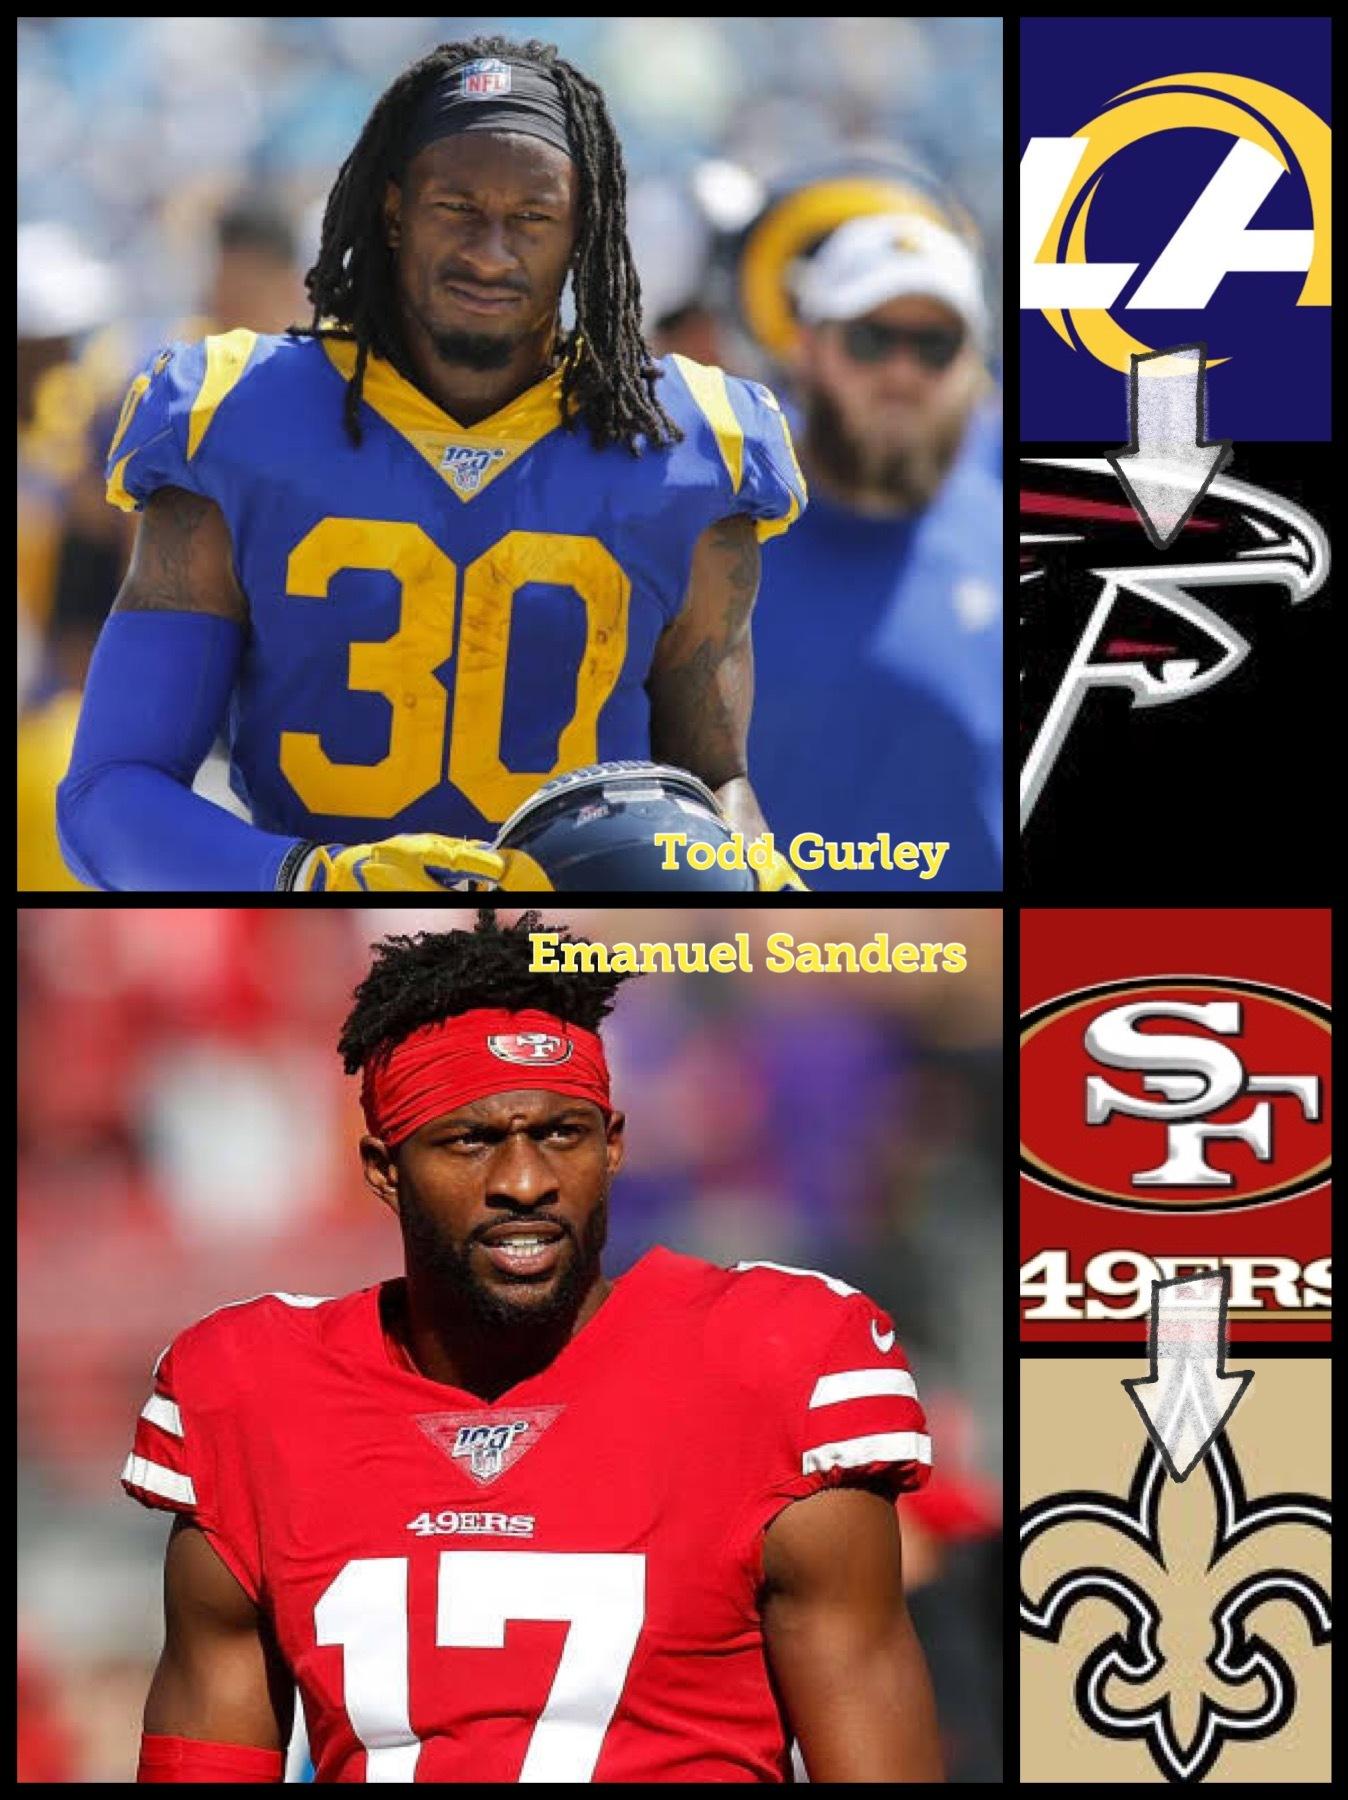 NFL exiting NFC South division 2020 saints